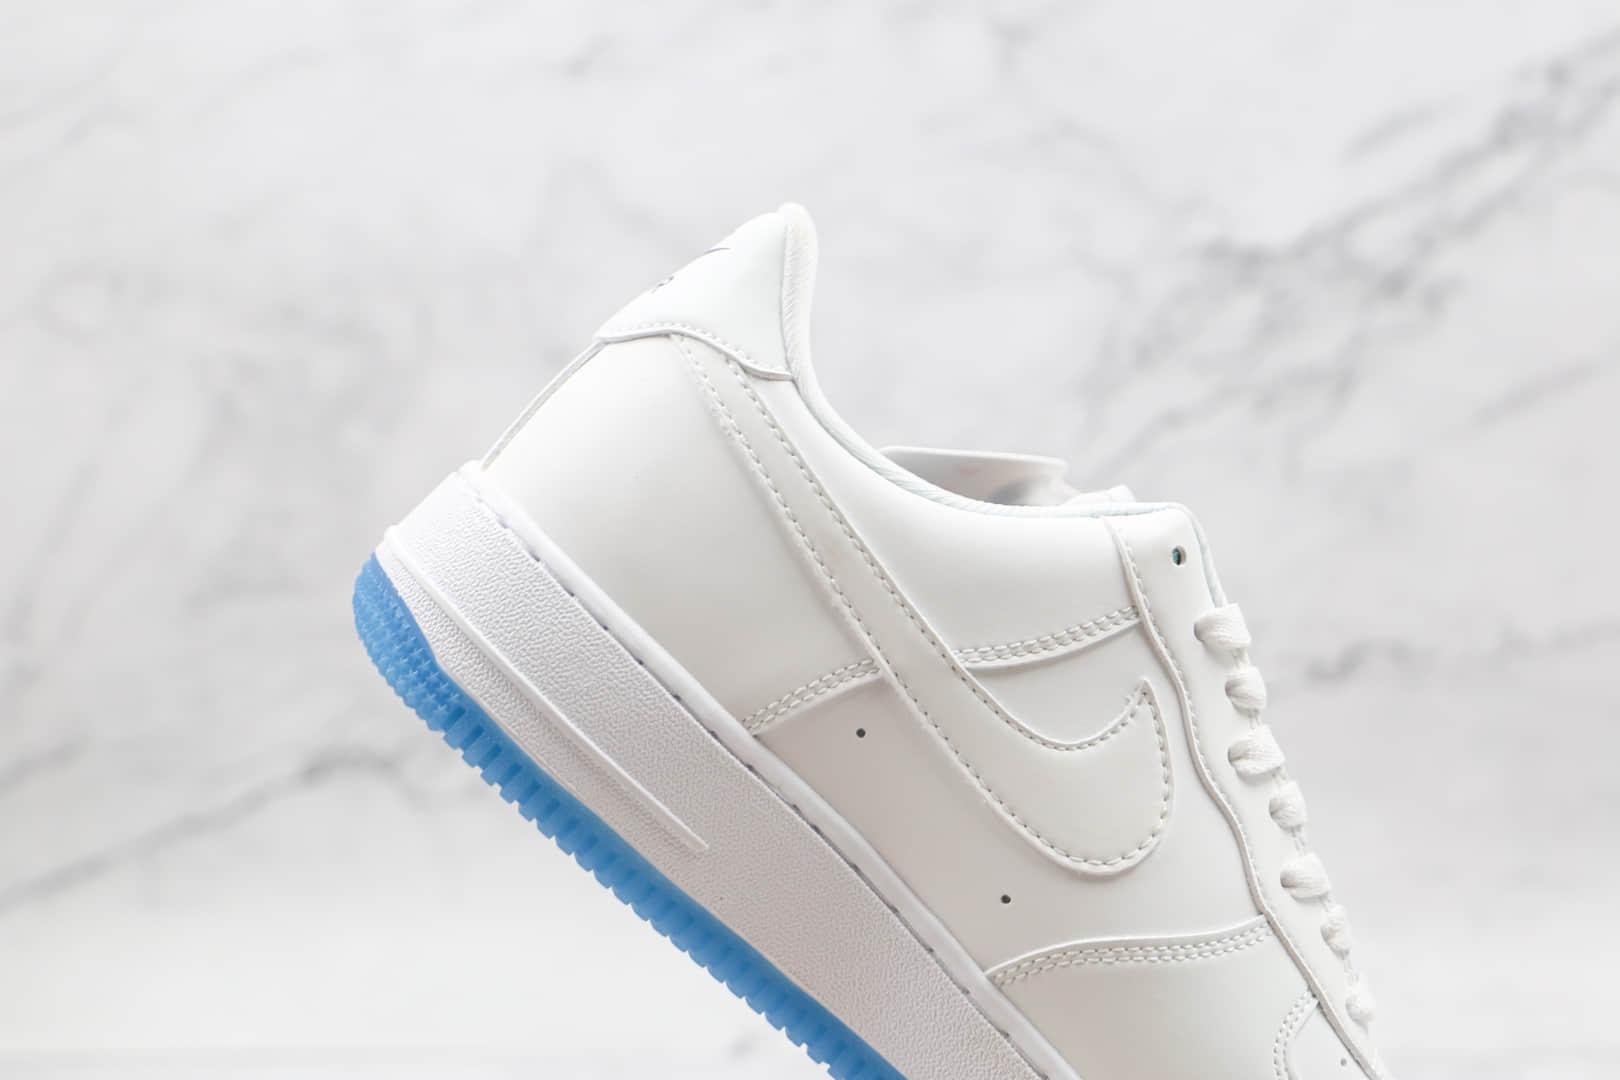 耐克Nike Air Force 1 Low UV纯原版本低帮空军一号纯白紫外线变色板鞋内置气垫 货号:DA8301-100